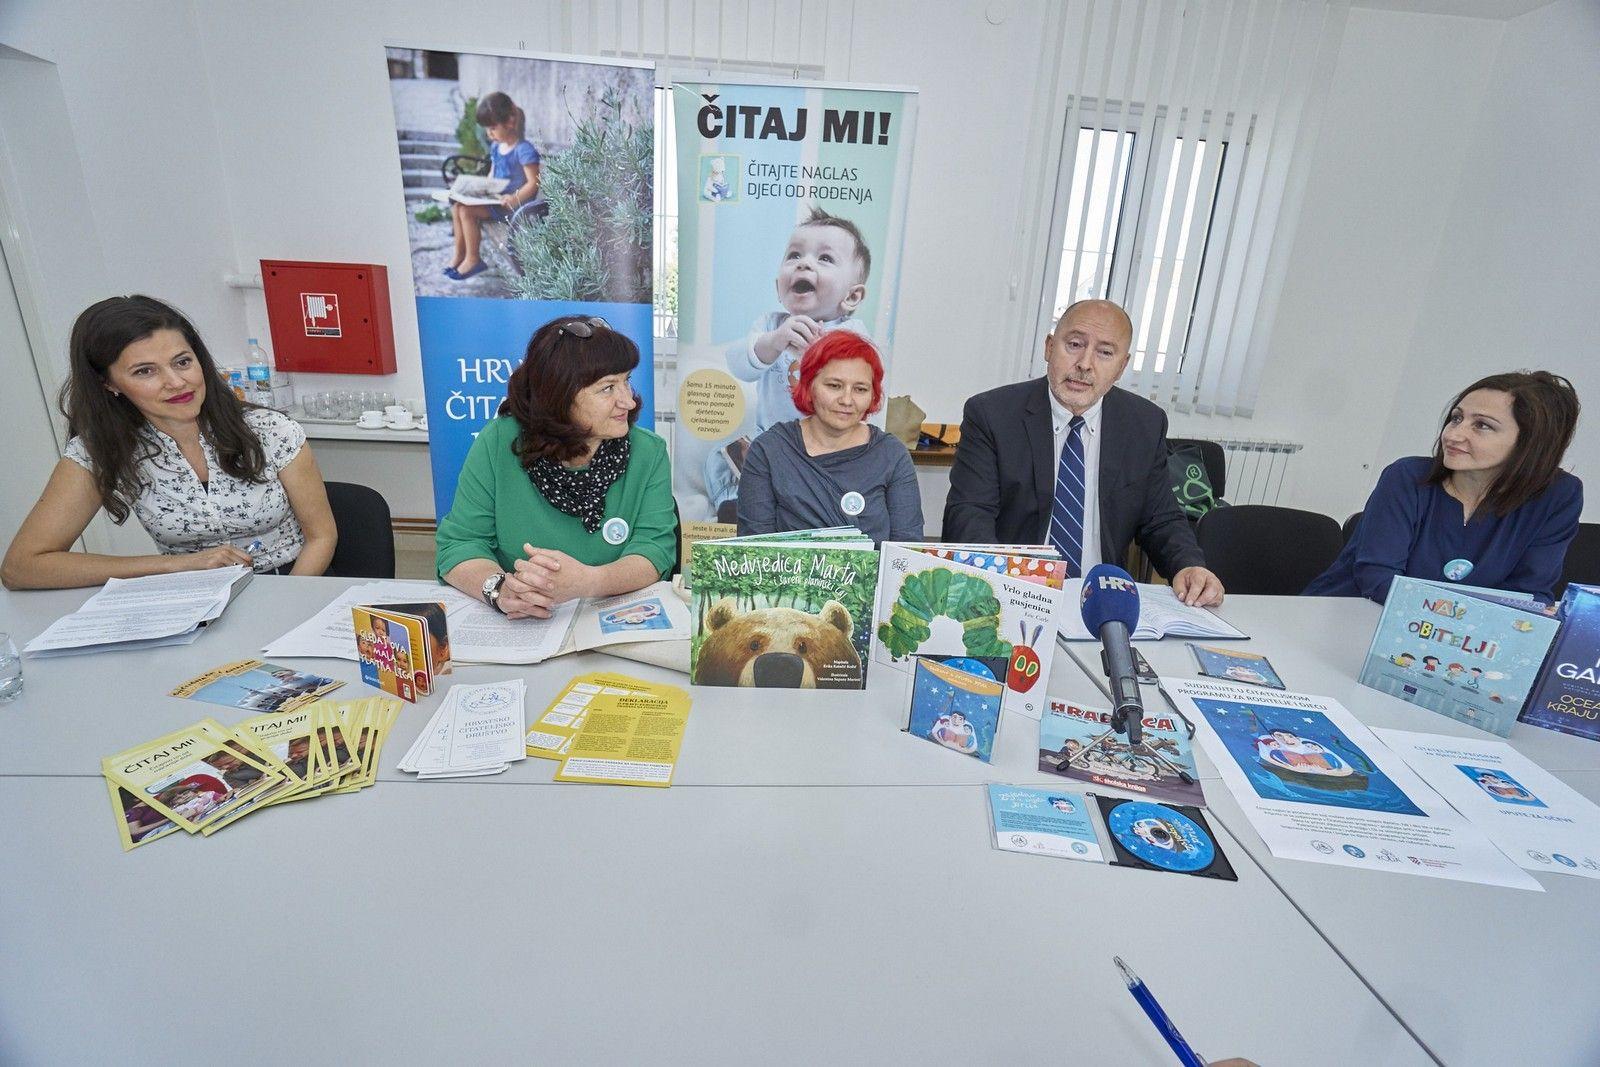 Bjelovar - Roditelji u zatvoru dobili priliku čitati knjige i slikovnice svojoj djeci